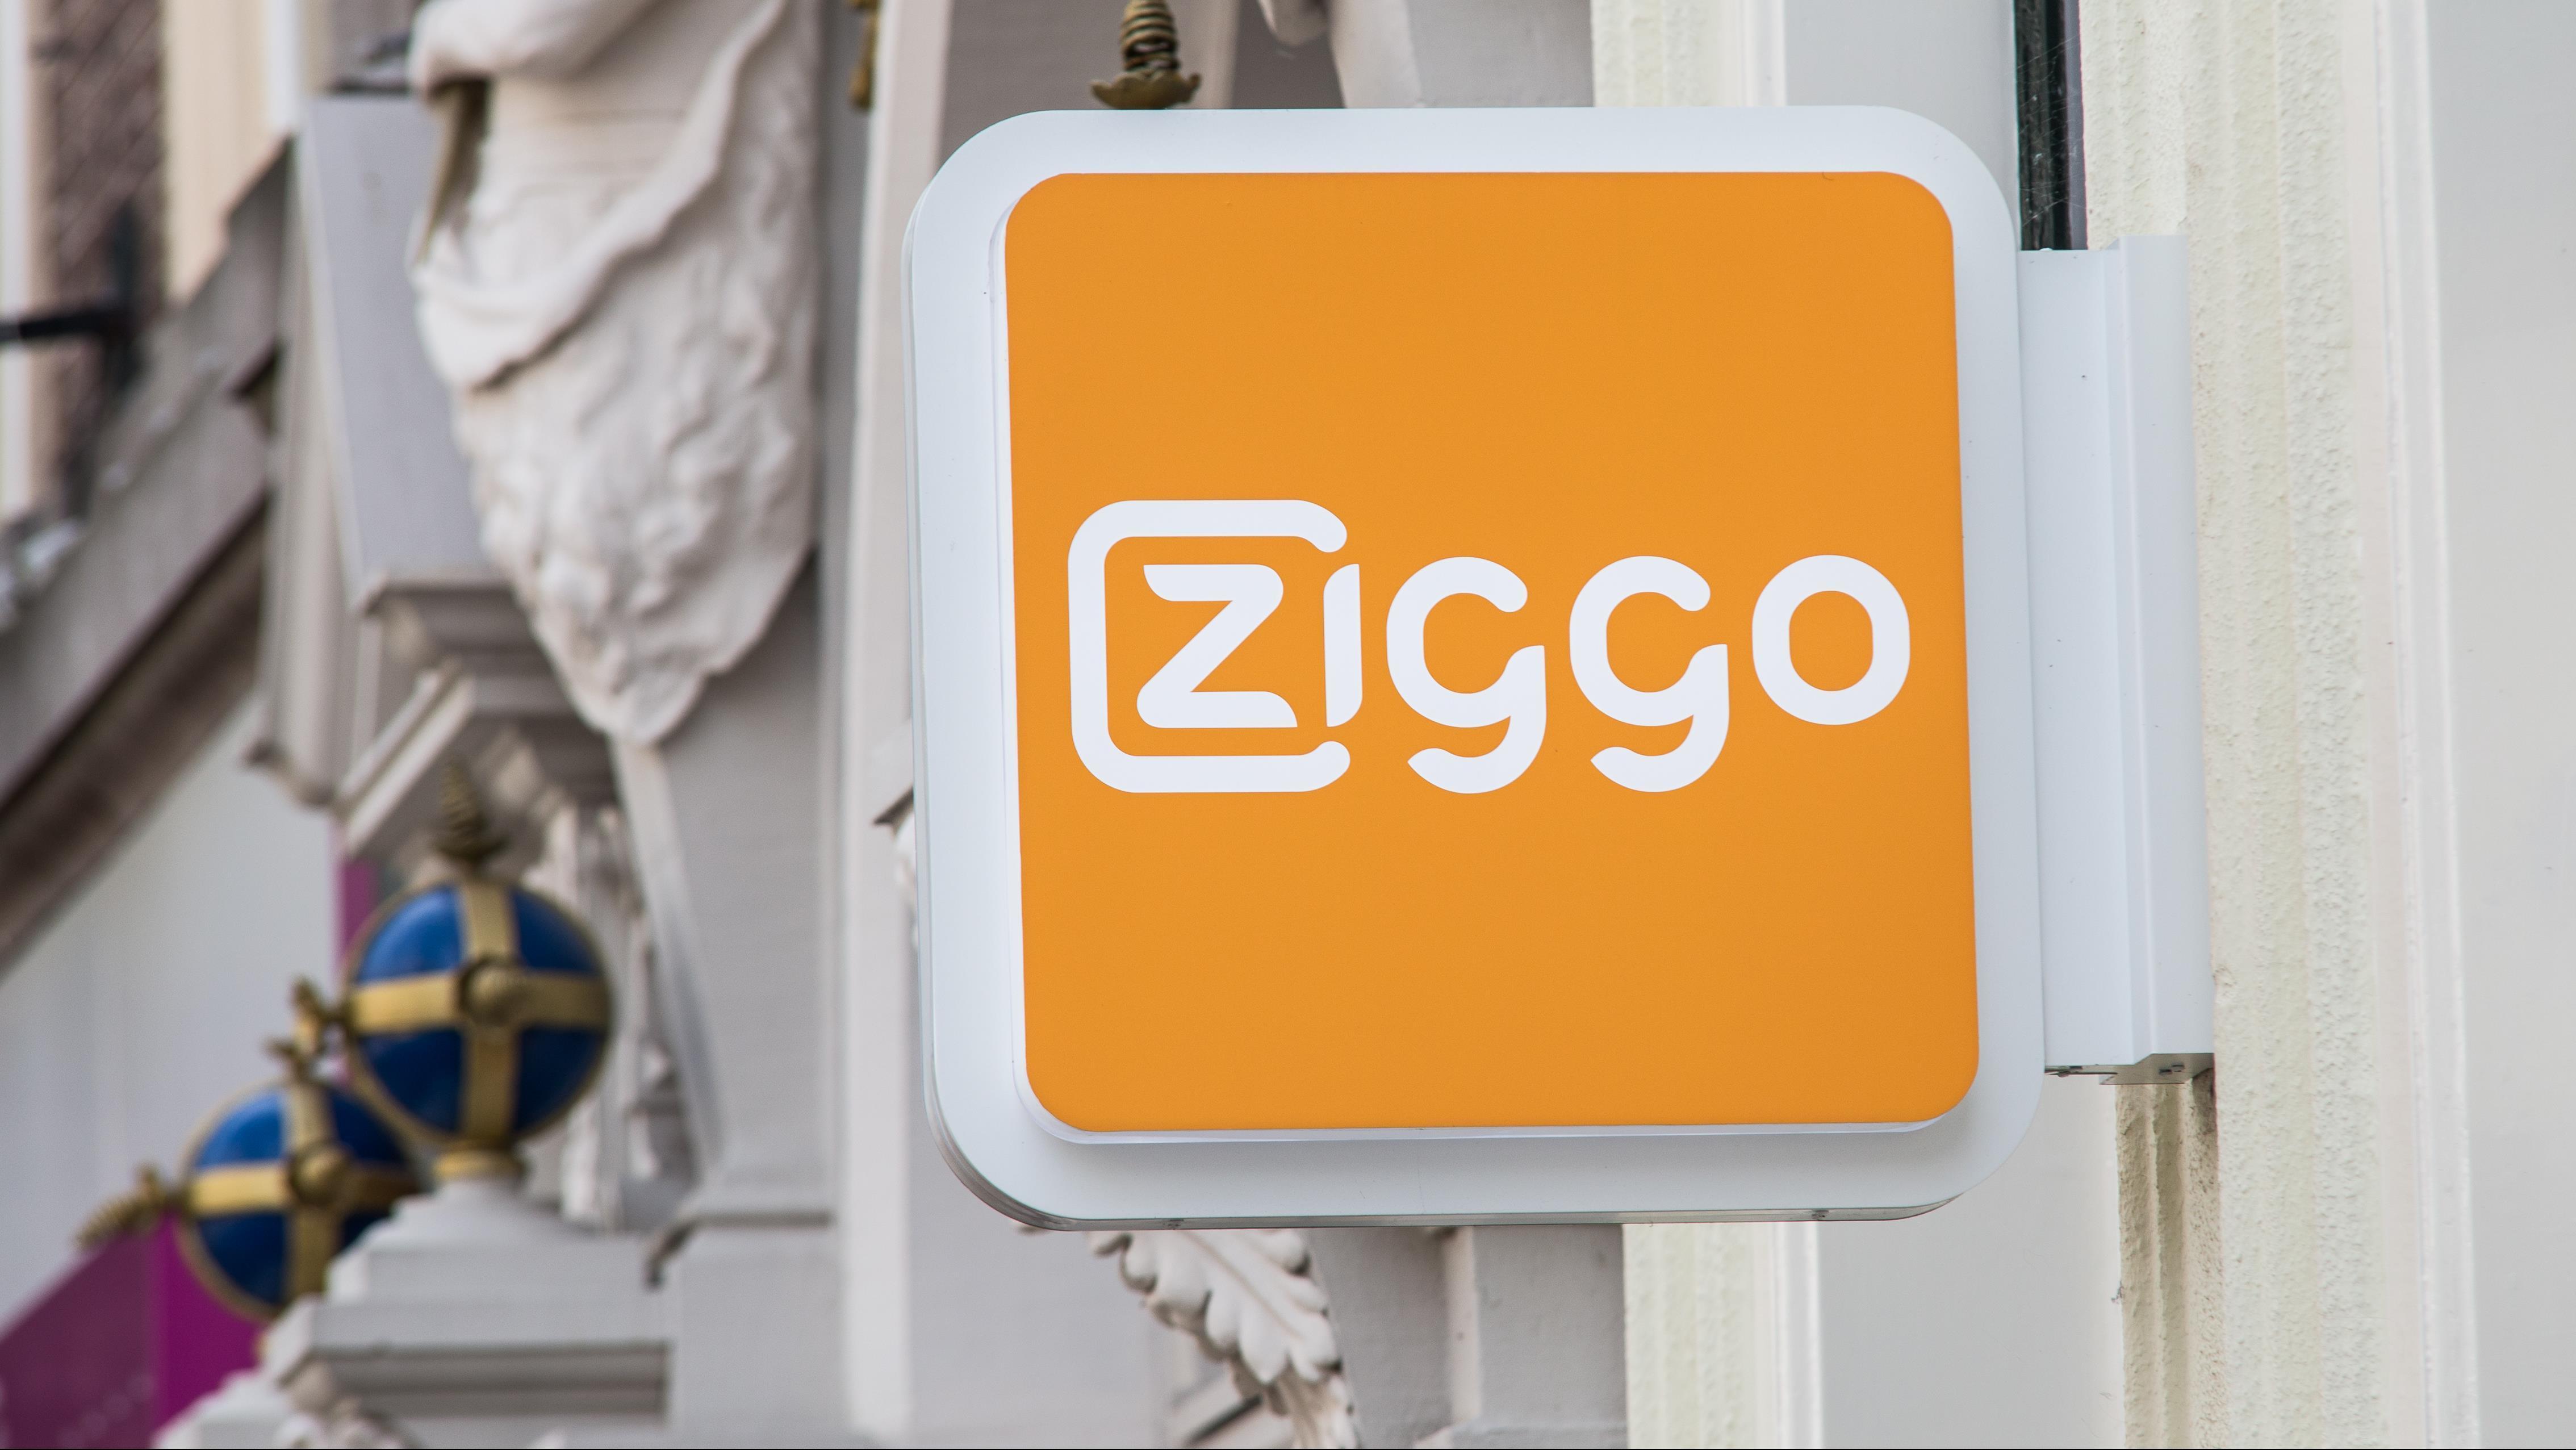 Storing bij Ziggo in Hengelo veroorzaakt ongemak